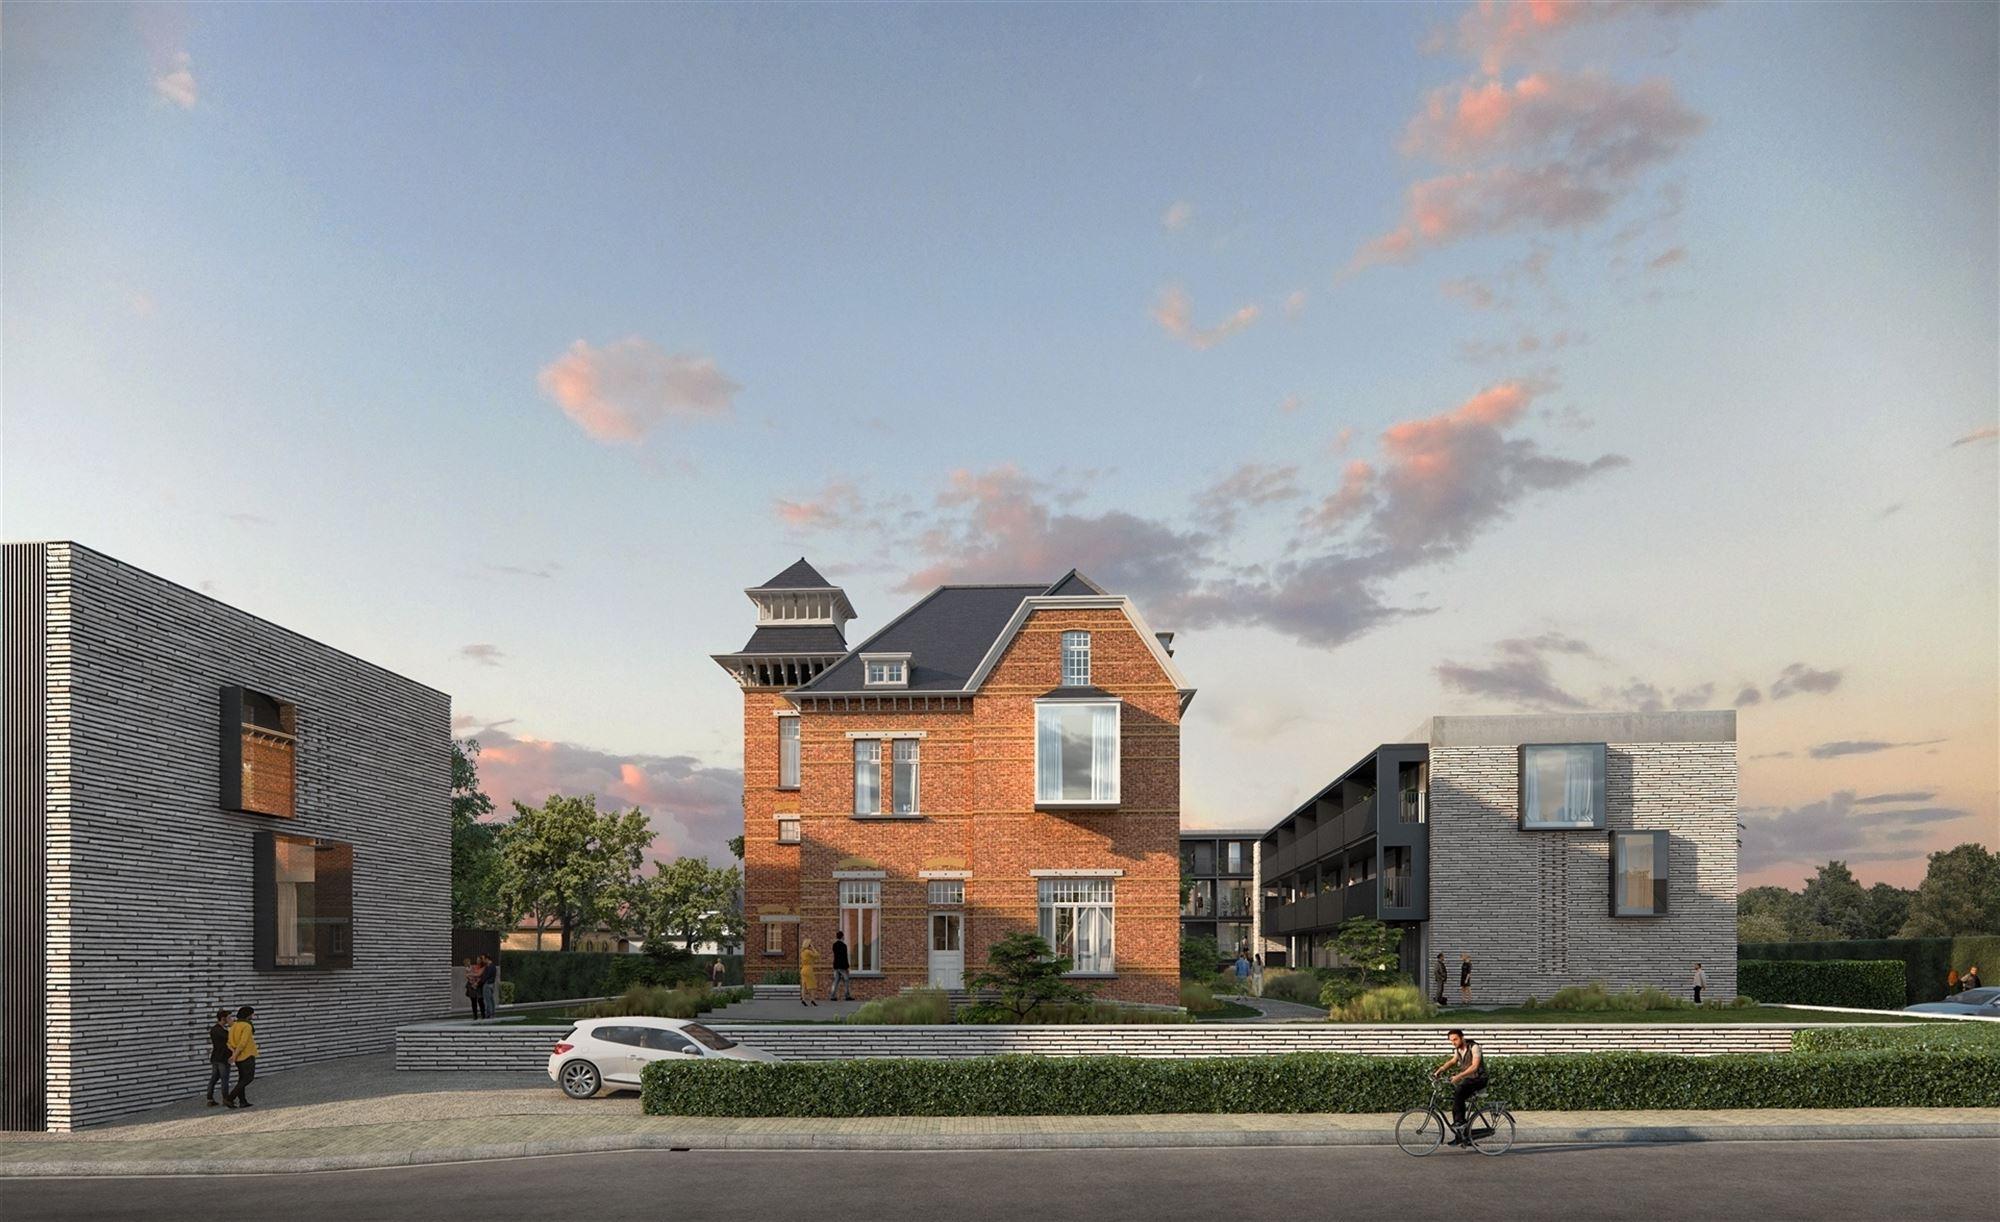 Links van de gekende 'Villa Santa Maria' zal deze prachtige bel-etagewoning in de loop van 2022 worden aangebouwd. Ze beschikt over een terras en priv...